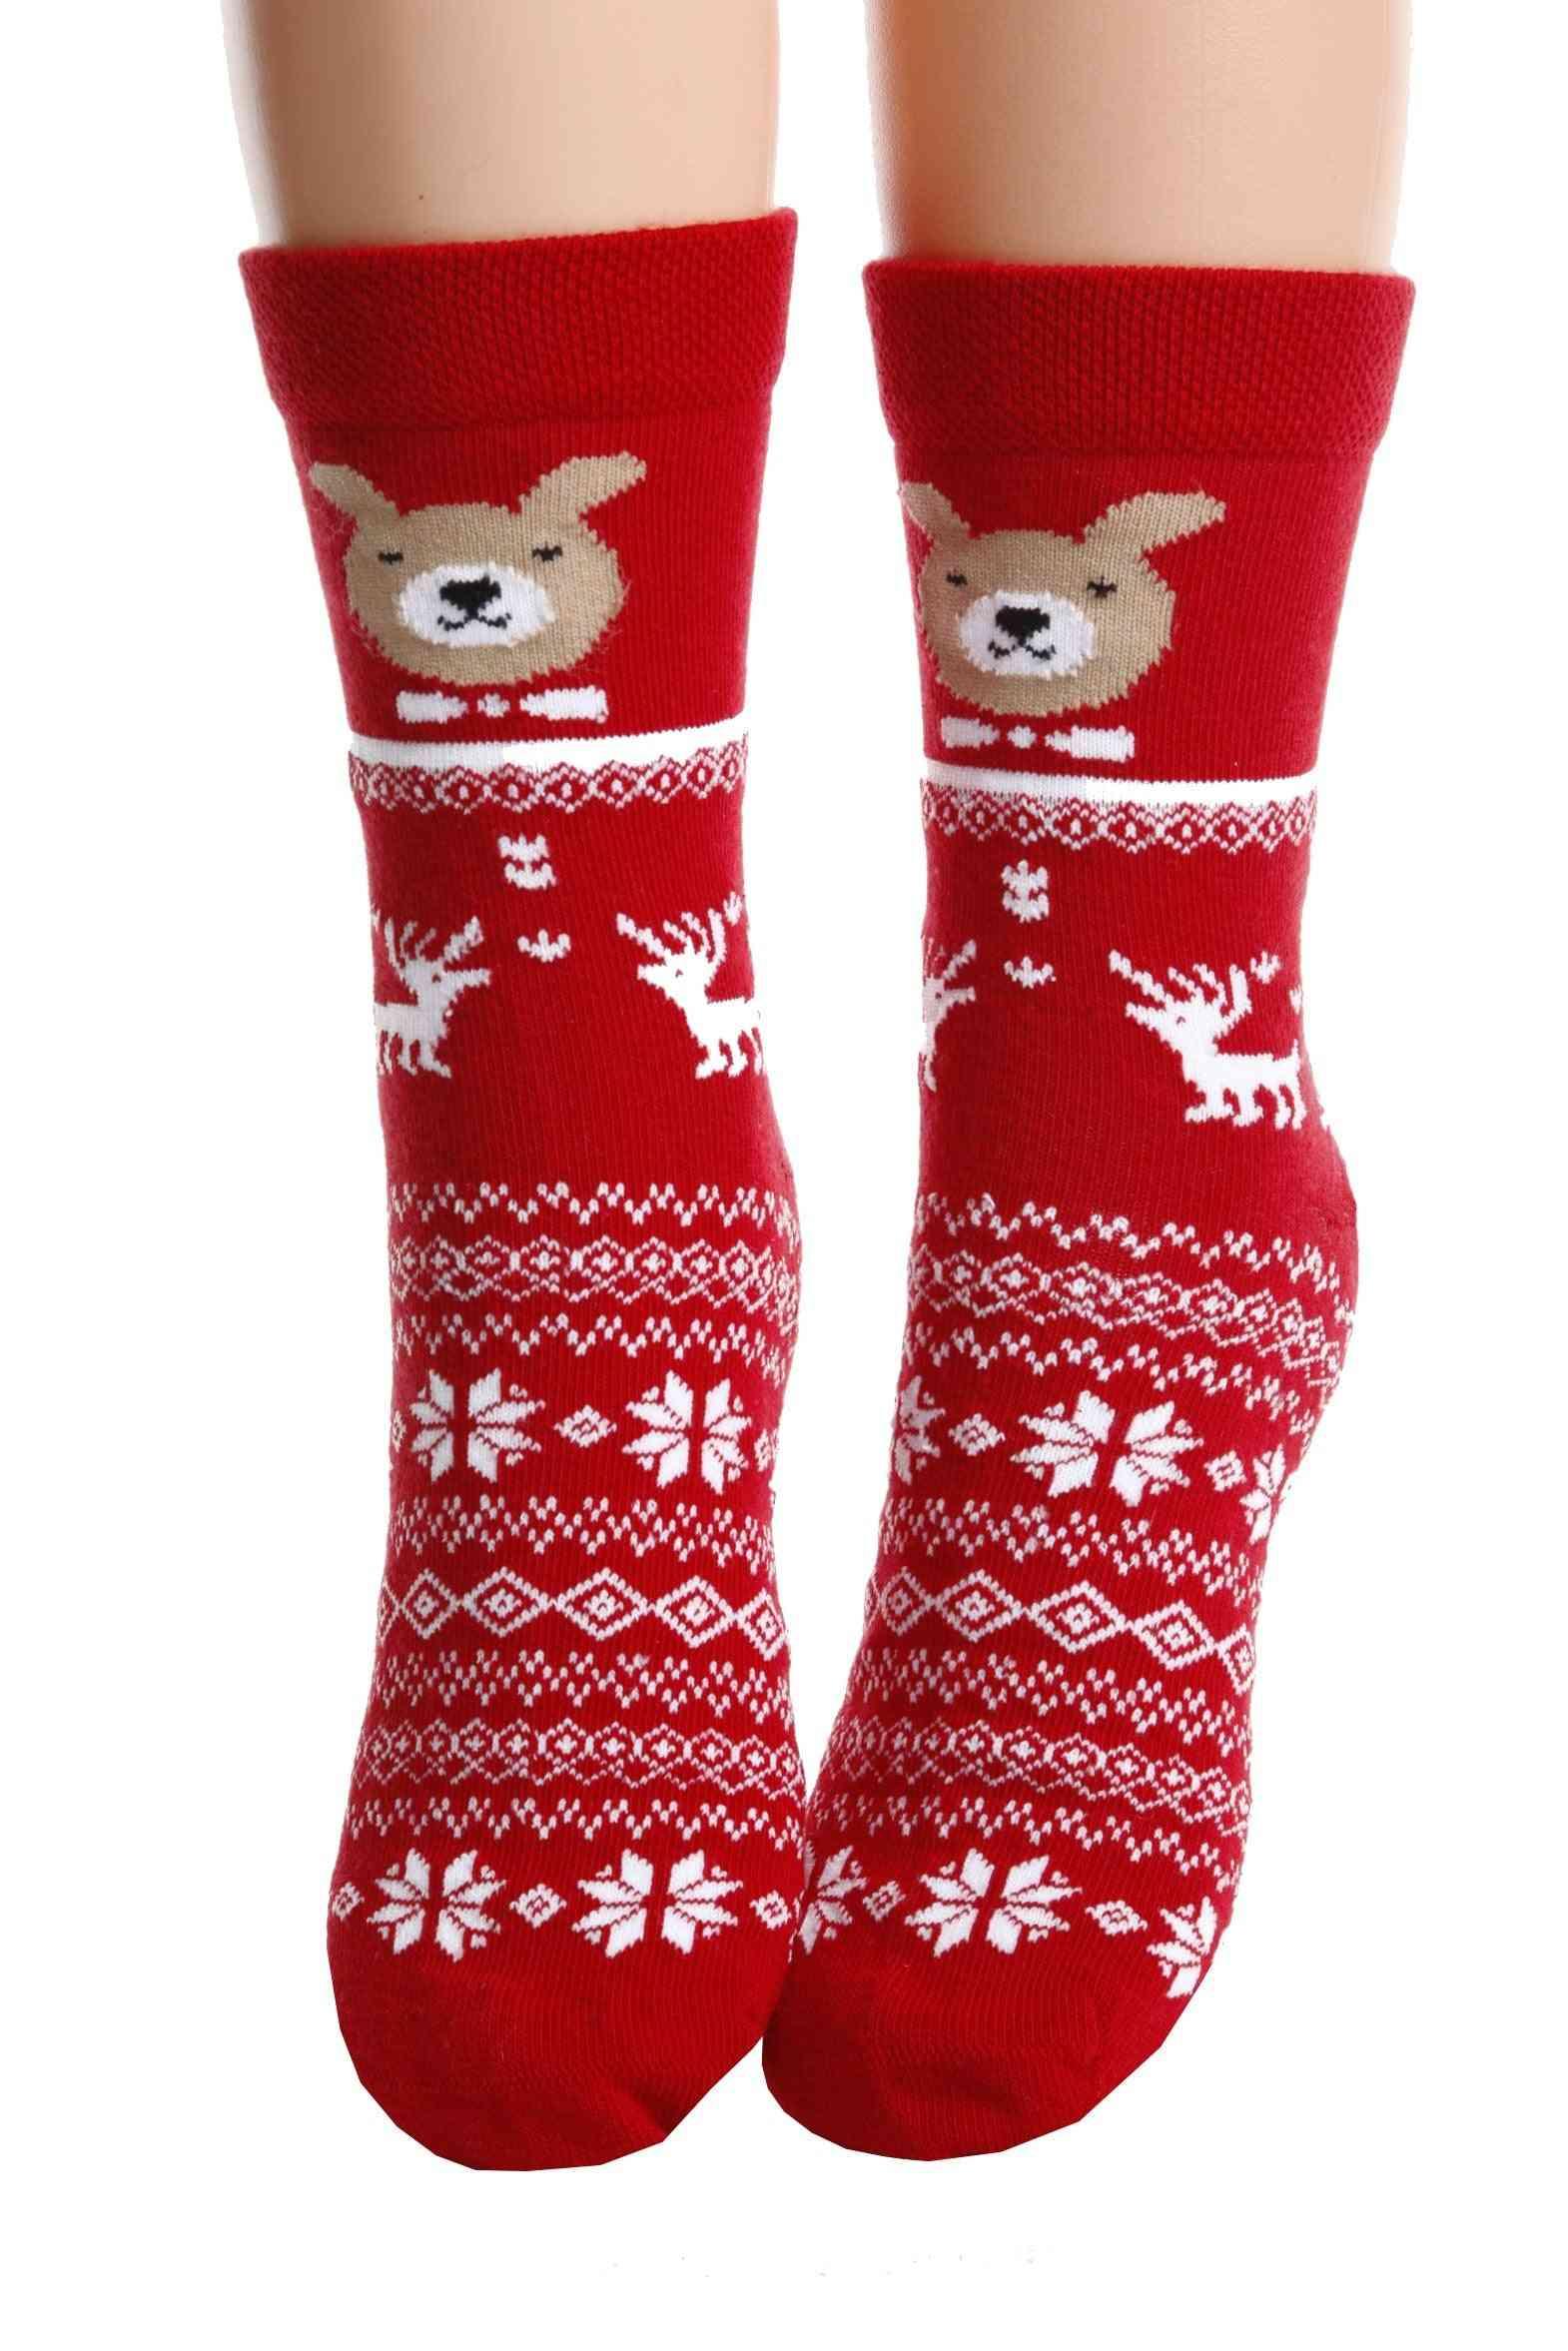 Cotton Socks For Children